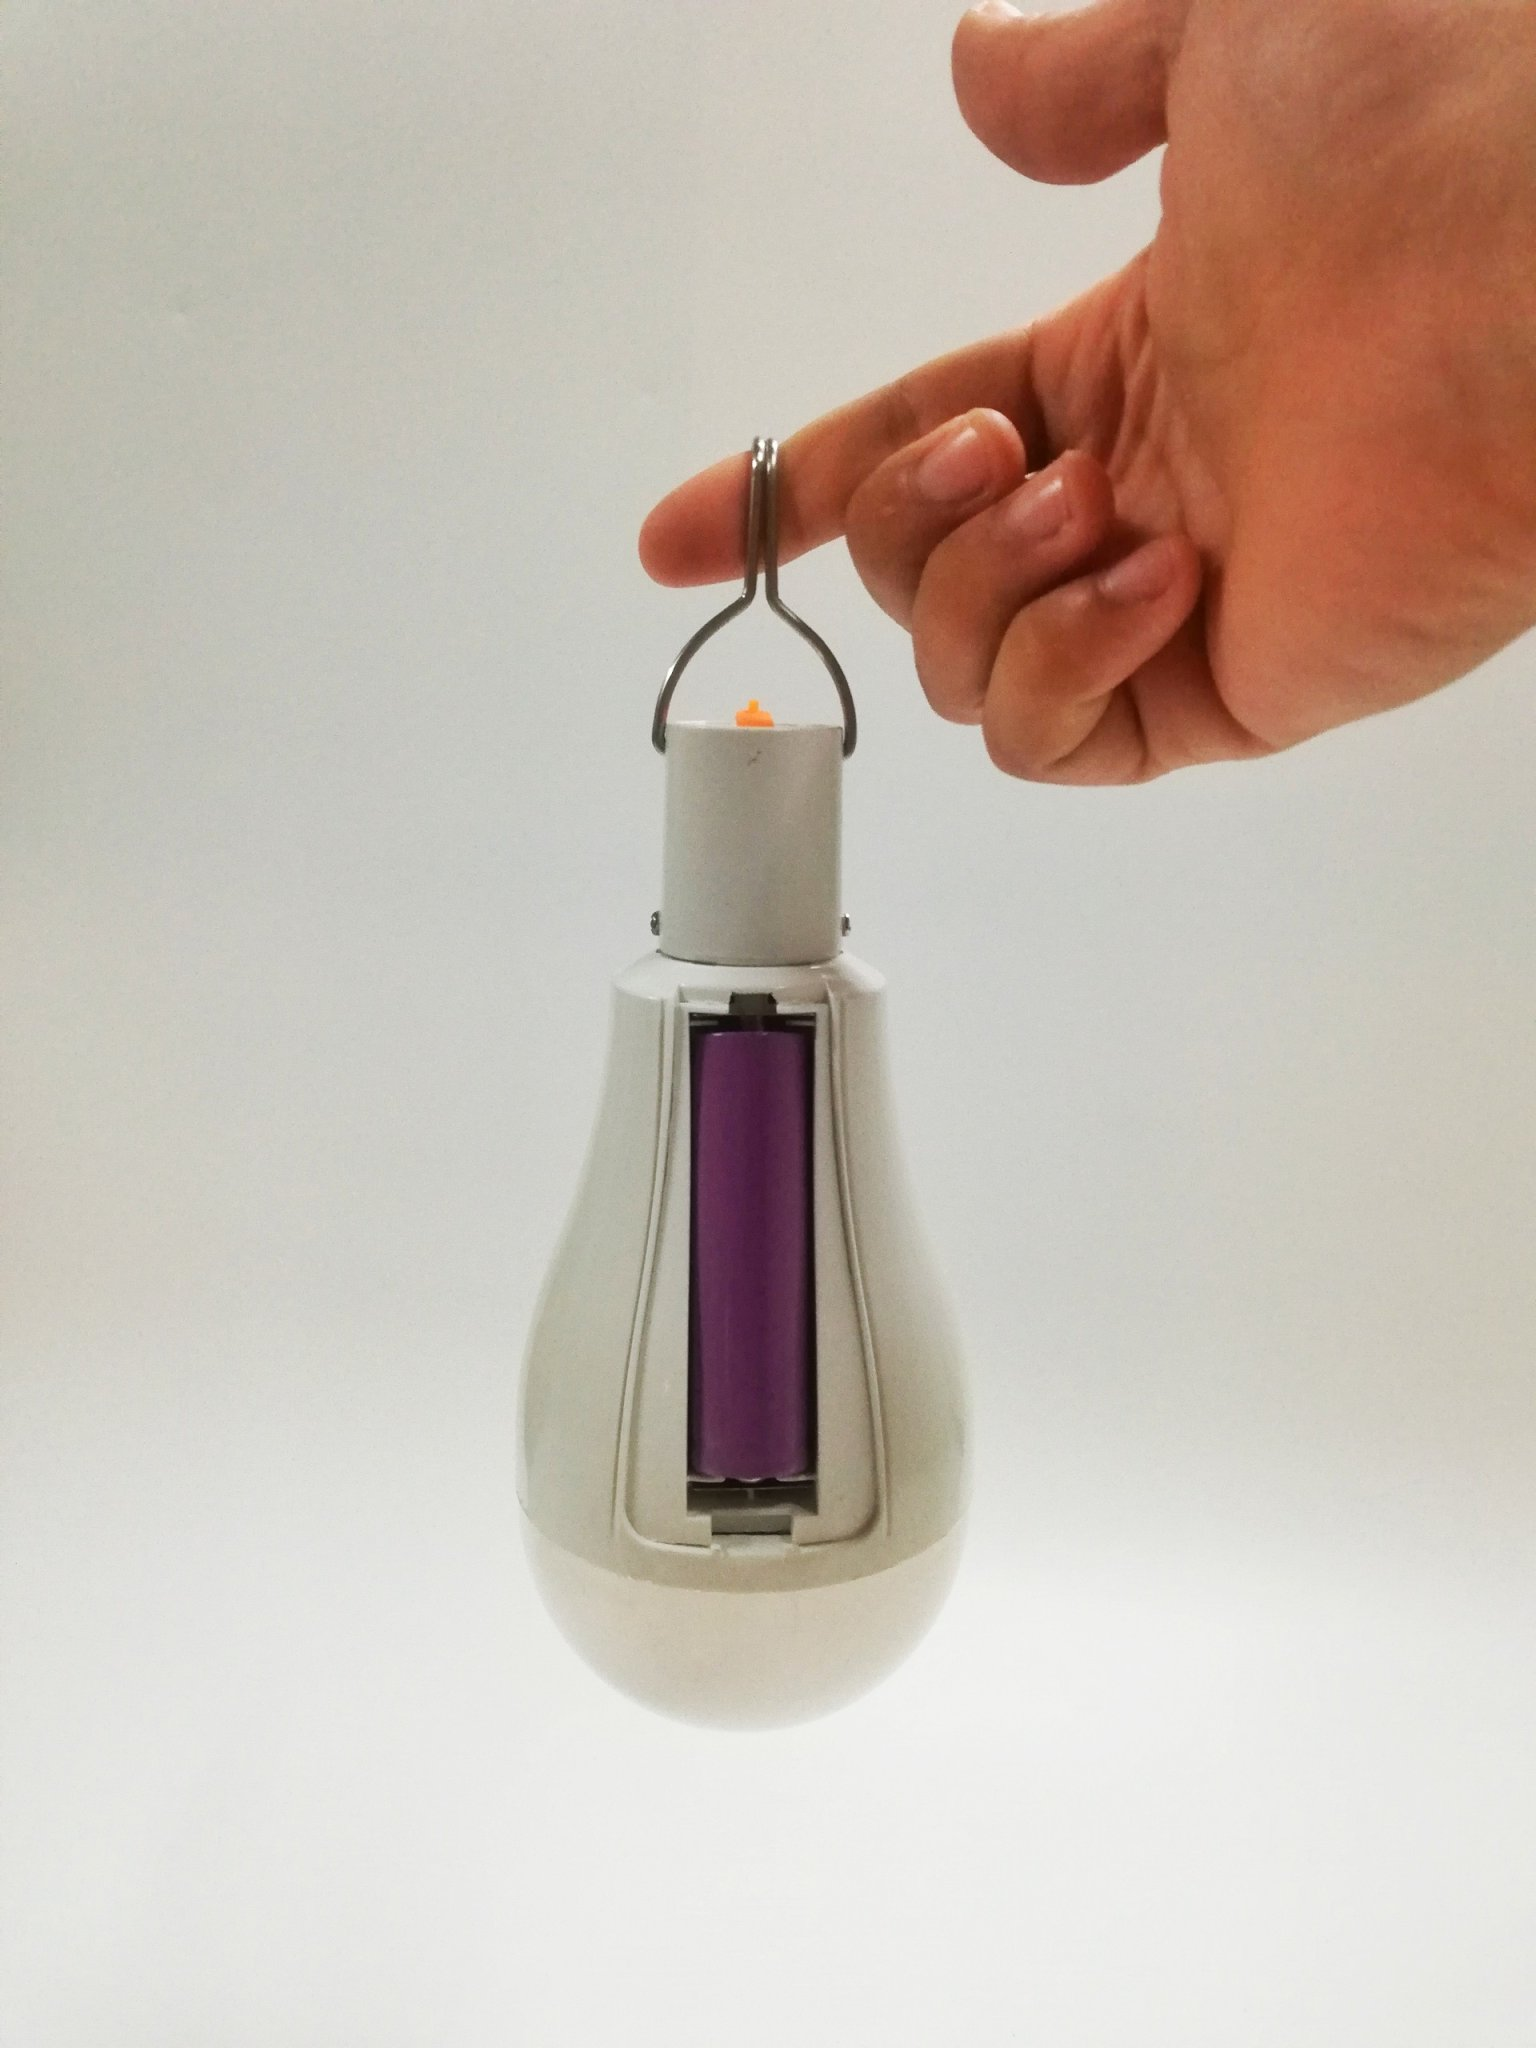 Bóng đèn tích điện - trang trí kiểu hiện đại VKT-FA3820